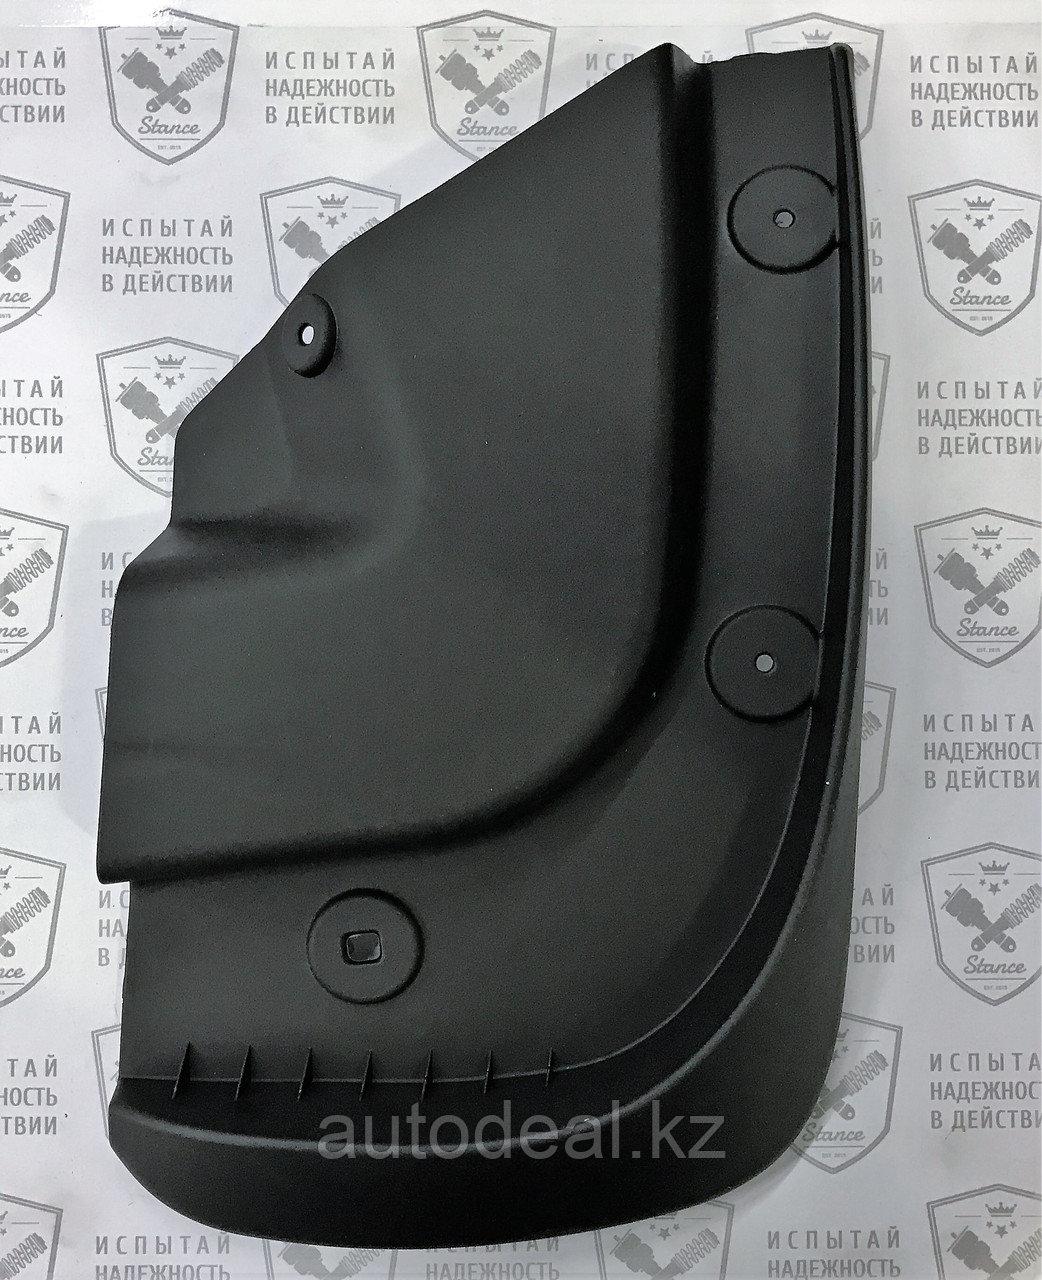 Брызговик задний правый Lifan X60 / Rear mud flap right side